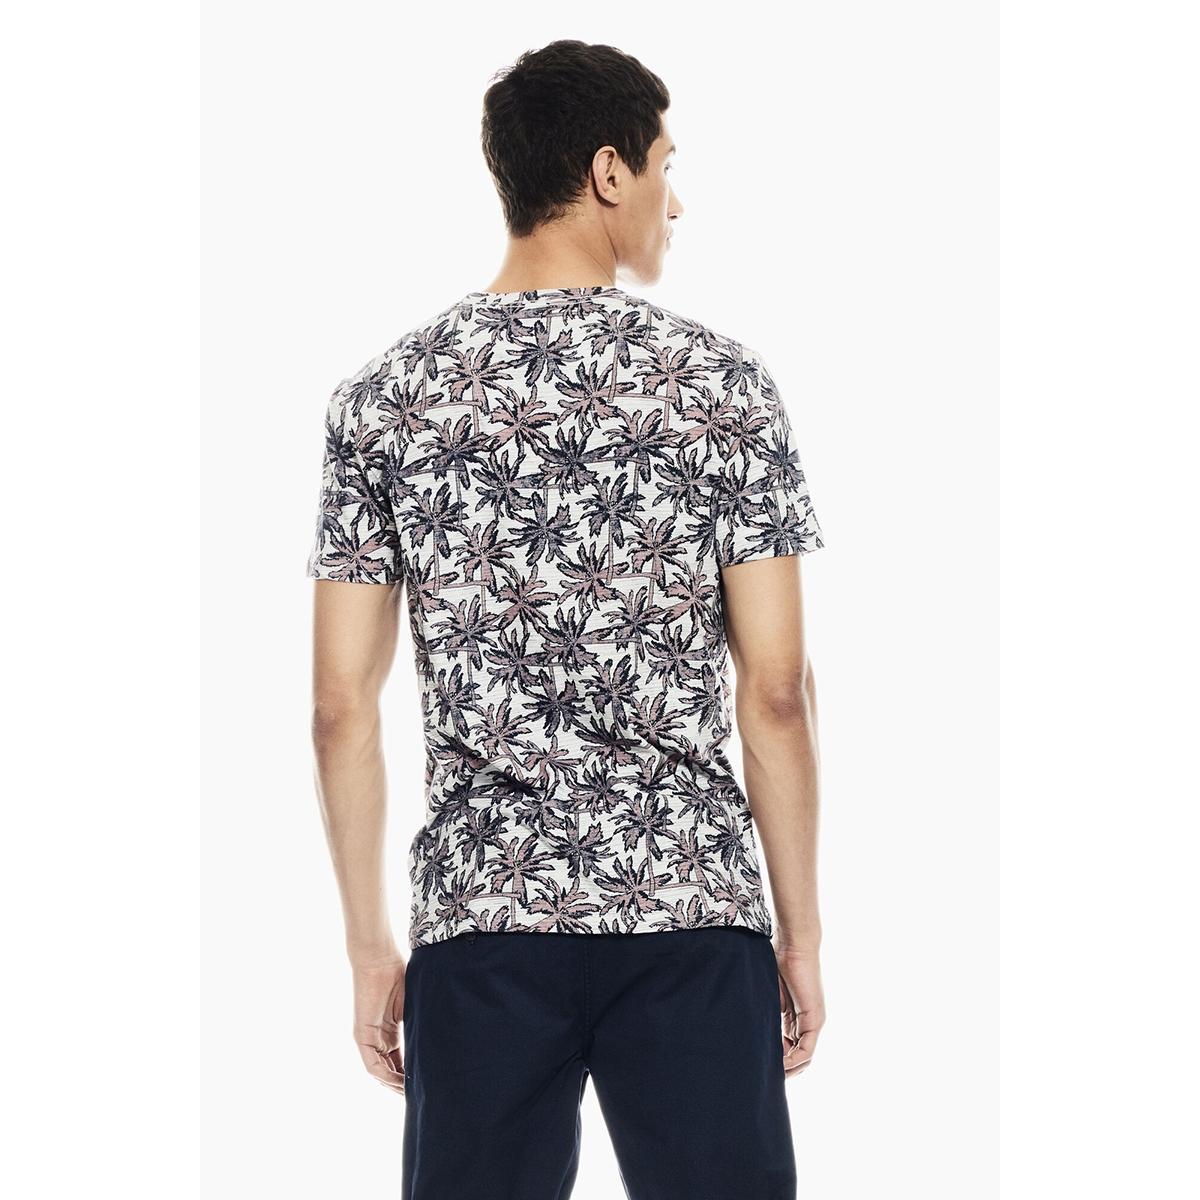 t shirt met allover print q01009 garcia t-shirt 625 white melee